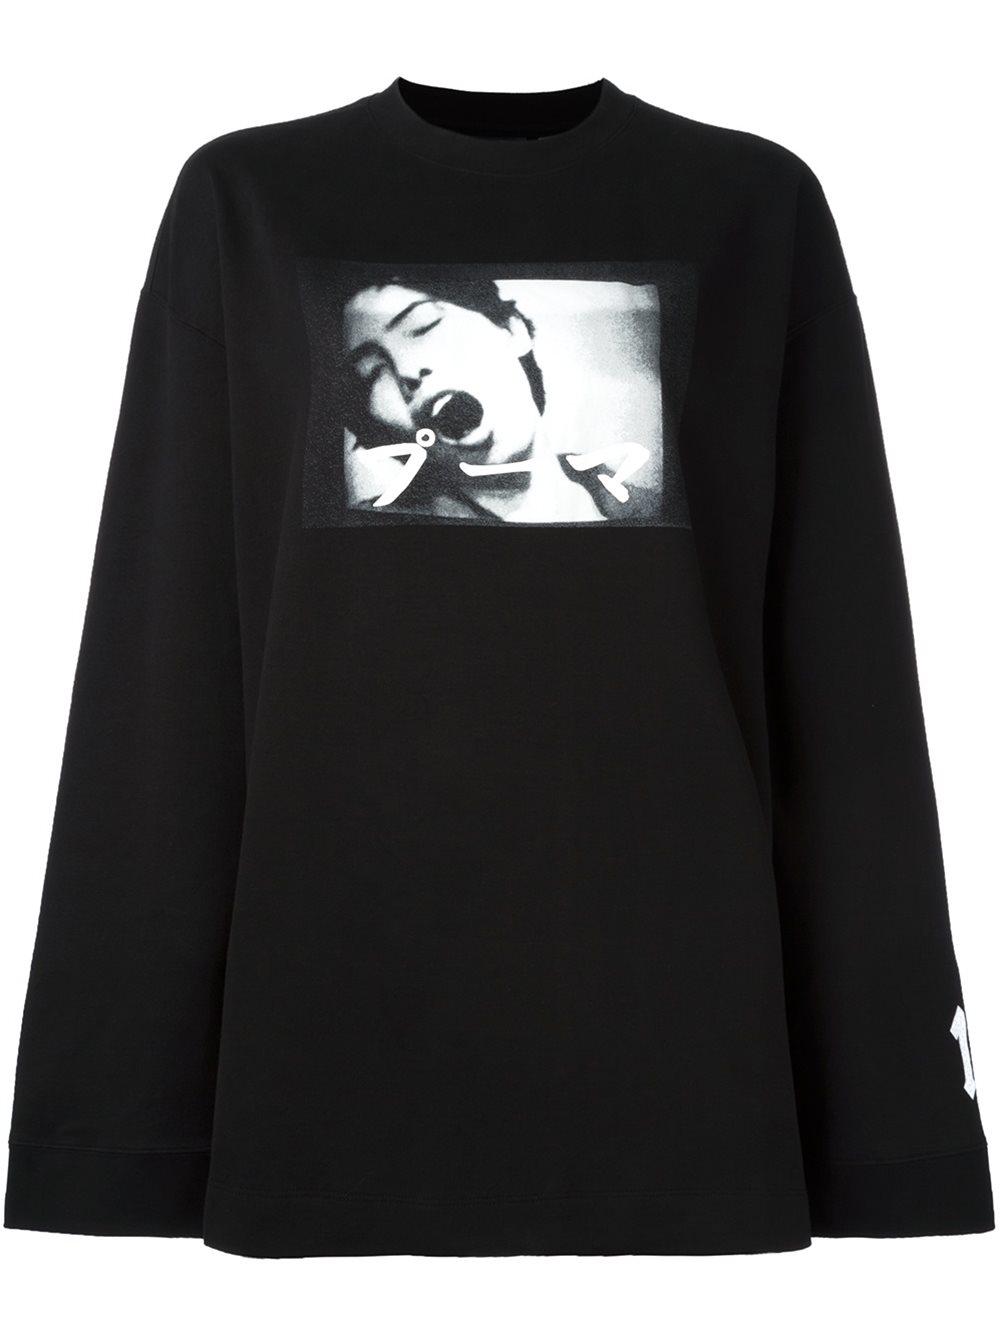 Lyst Puma Fenty X Rihanna Dames Sweatshirt In Black